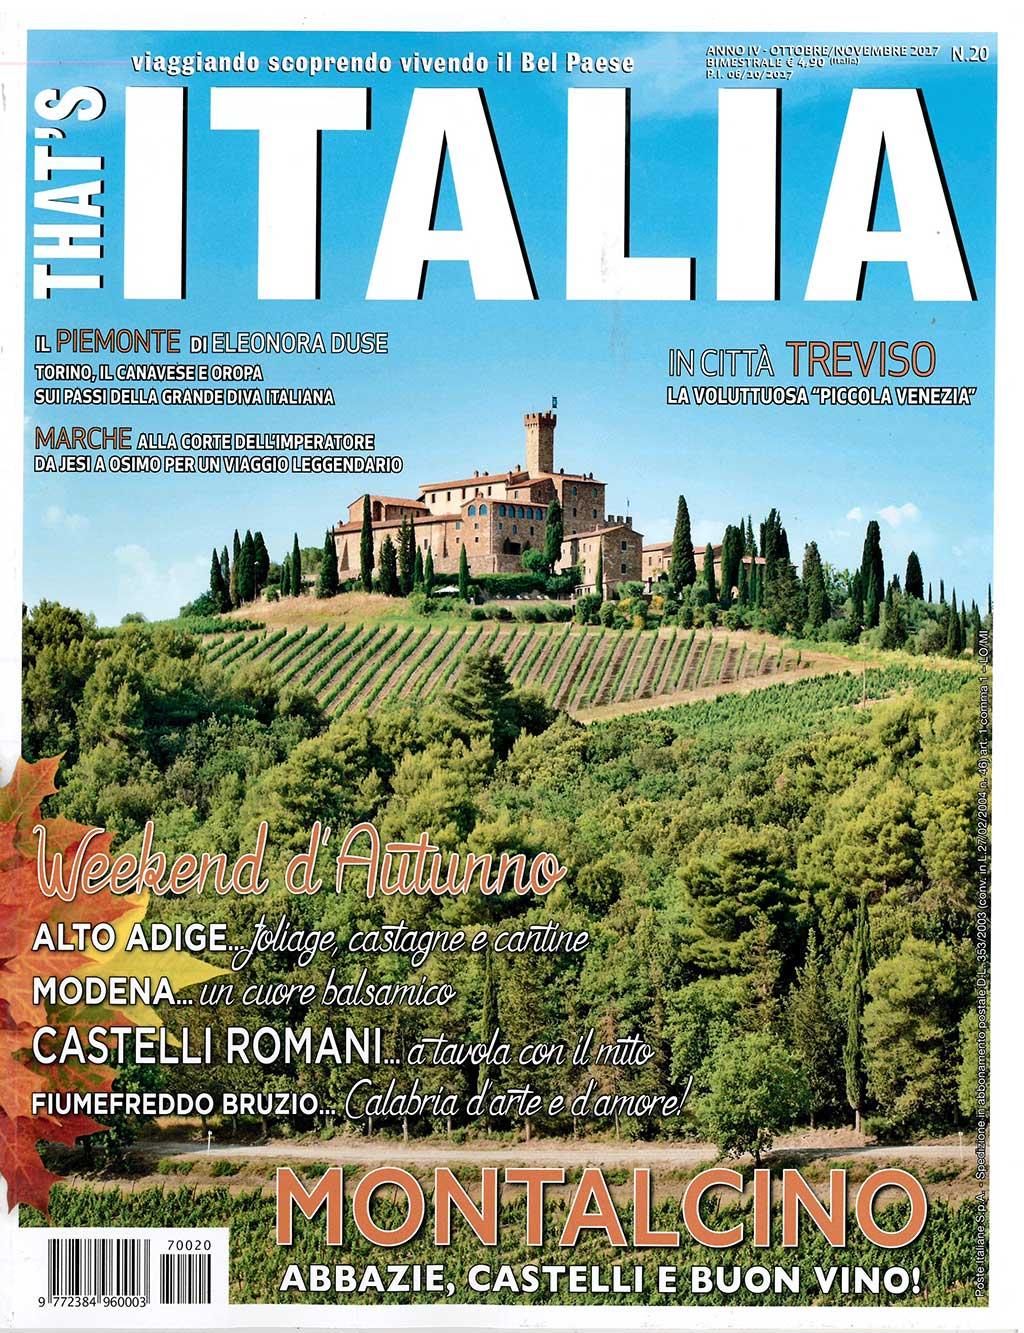 Un bellissimo articolo su That's Italia